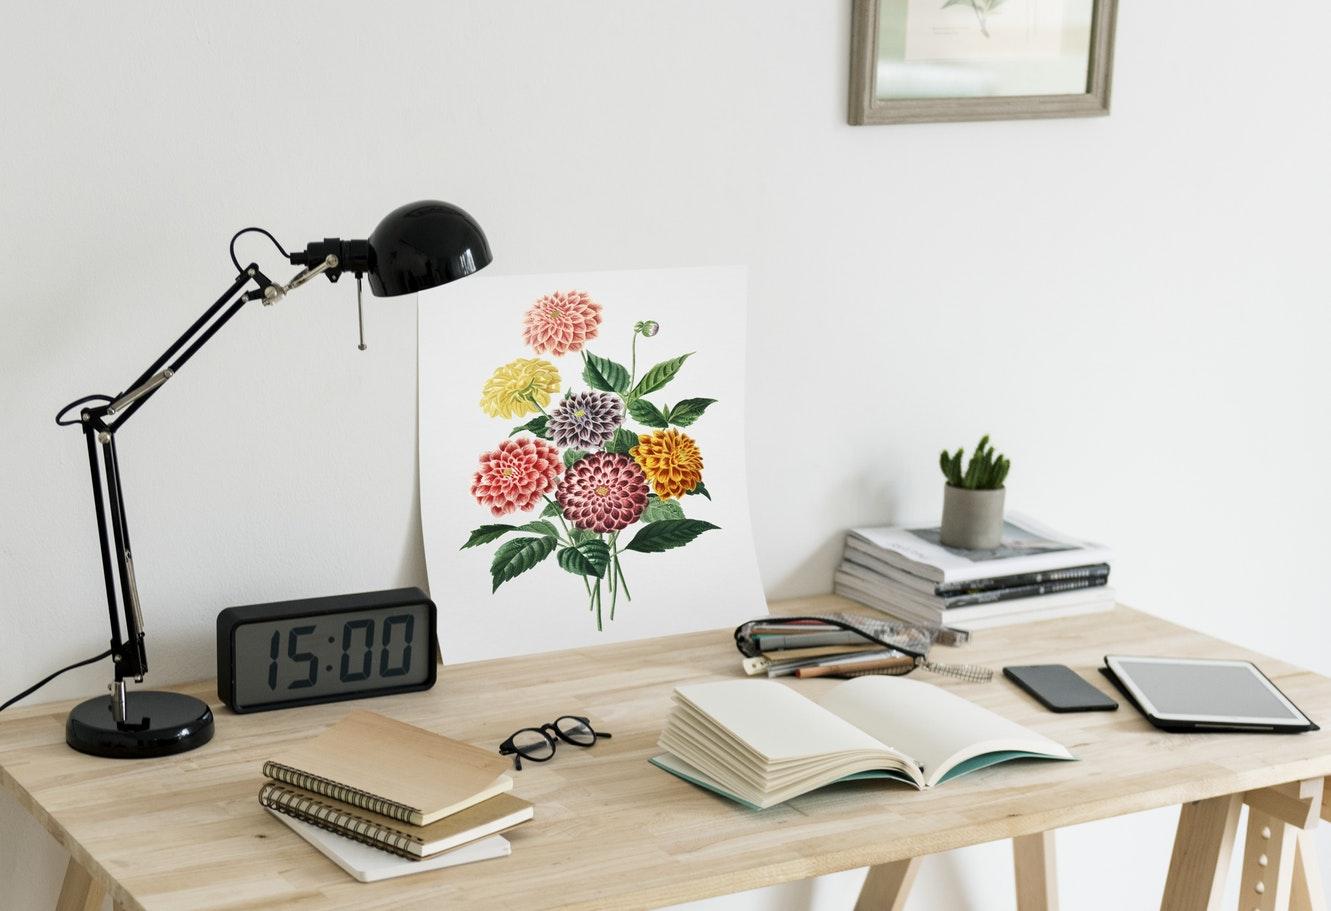 rotina de estudos: mesa organizada, com relógio, luminária, canetas e livros.